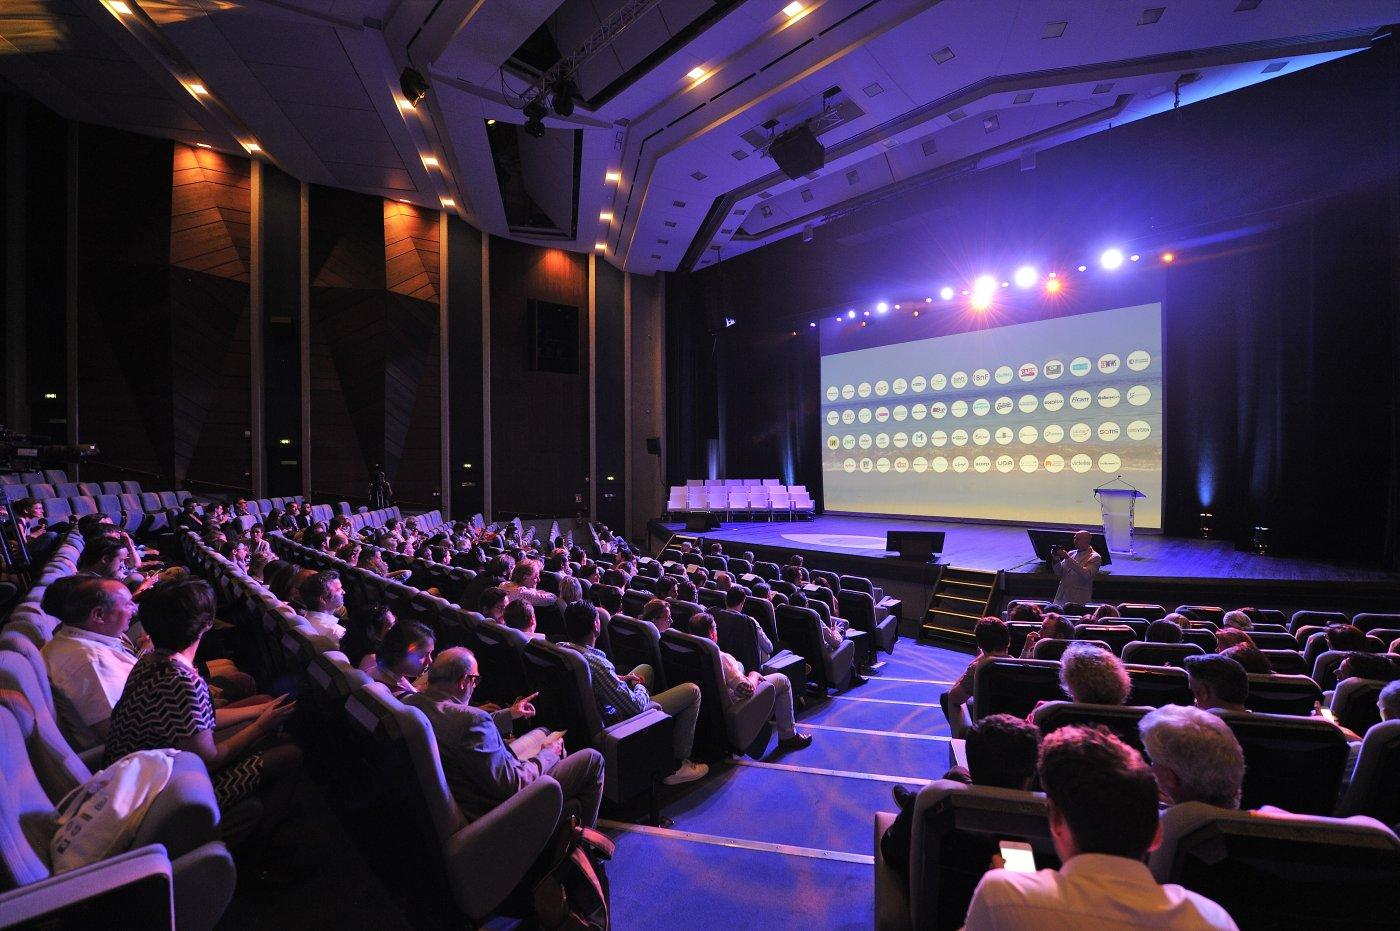 incentive-seminaire-congres-spl-atlantia-palais-des-congres-de-la-baule-a-baule-escoublac